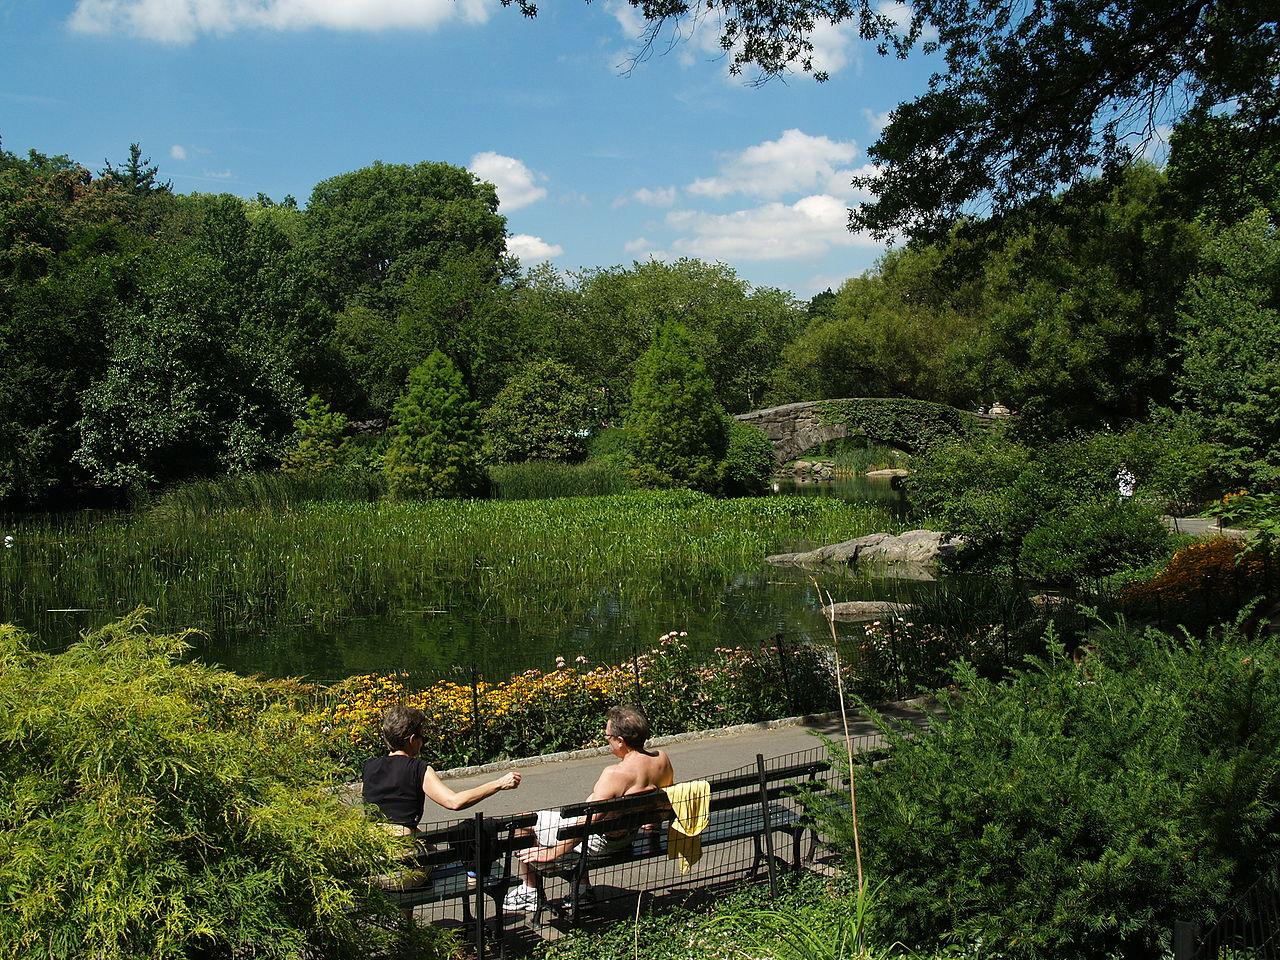 Центральный парк Нью-Йорка на острове Манхэттен